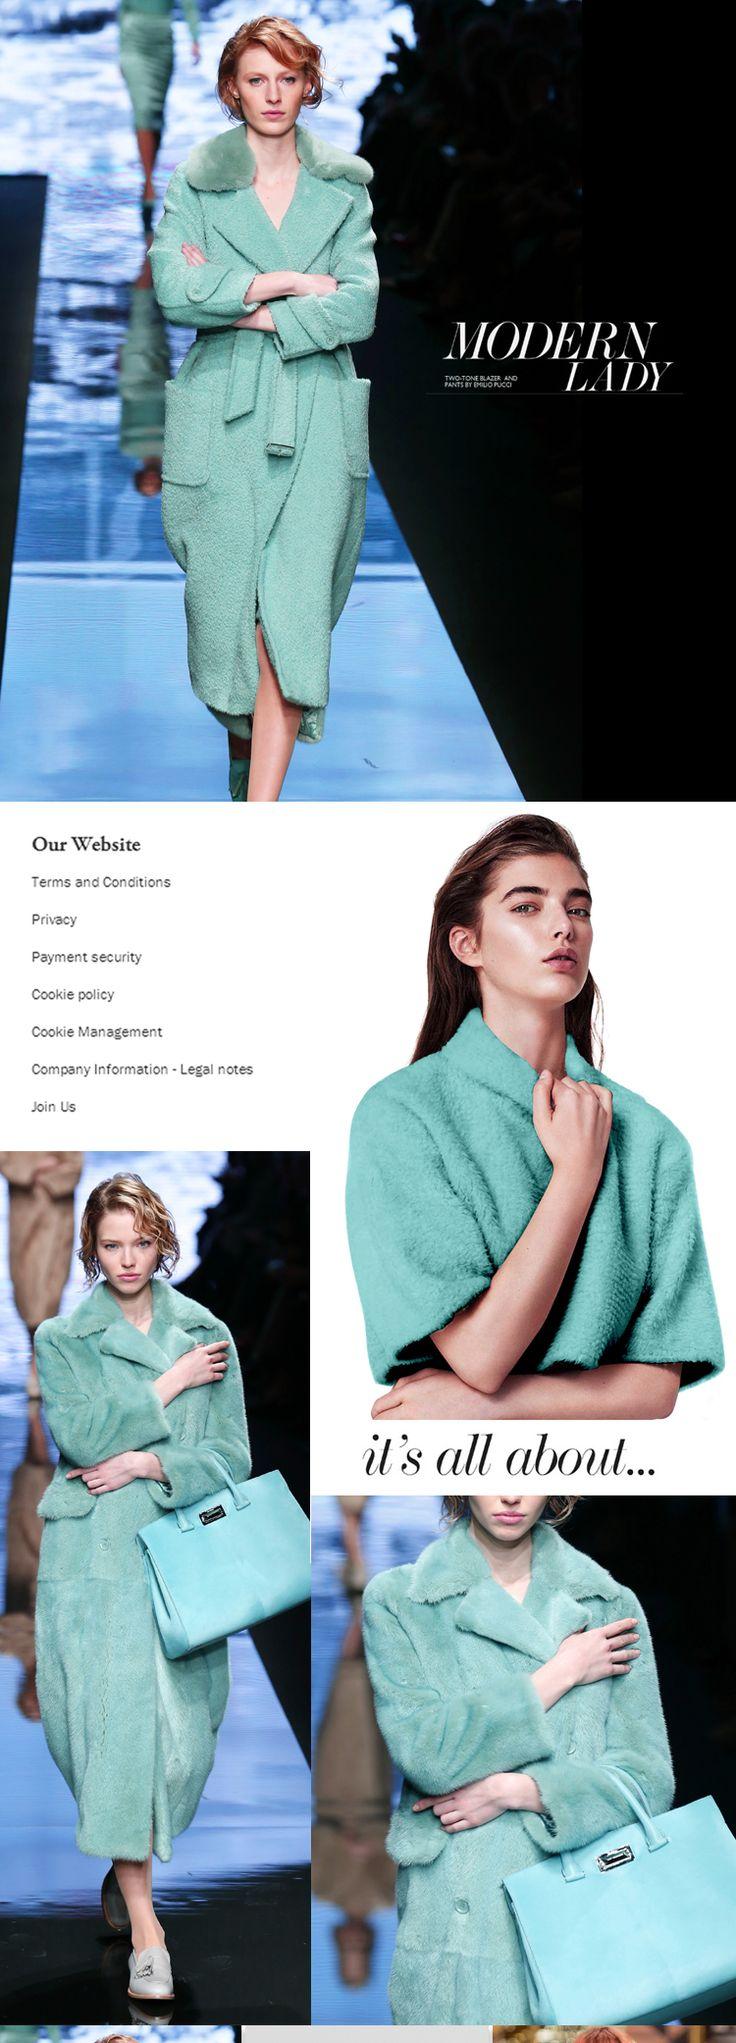 Ван Сули альпака волокна [] дороже, чем оригинальный кашемир волокна ткани питания PL ультра-высокого класса ткани - Taobao глобальной станции